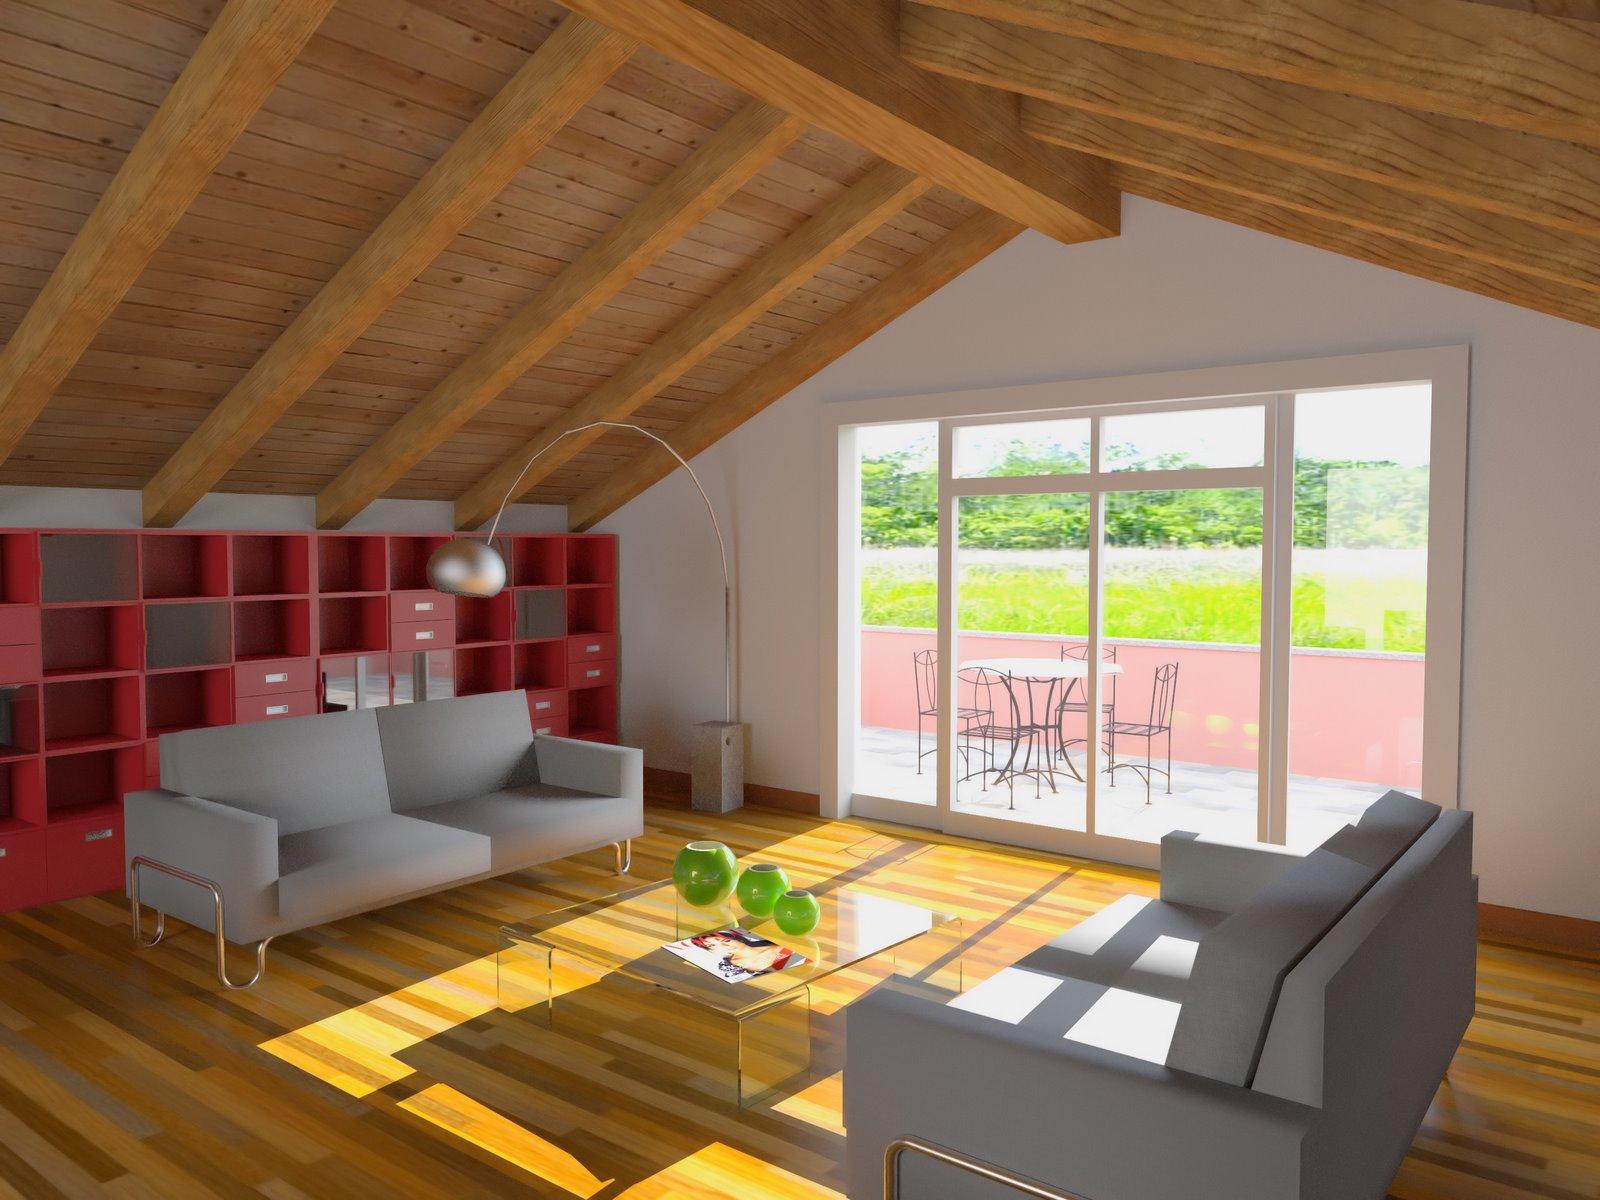 Проект мансарды с двускатной ломаной крышей - кровля и крыша